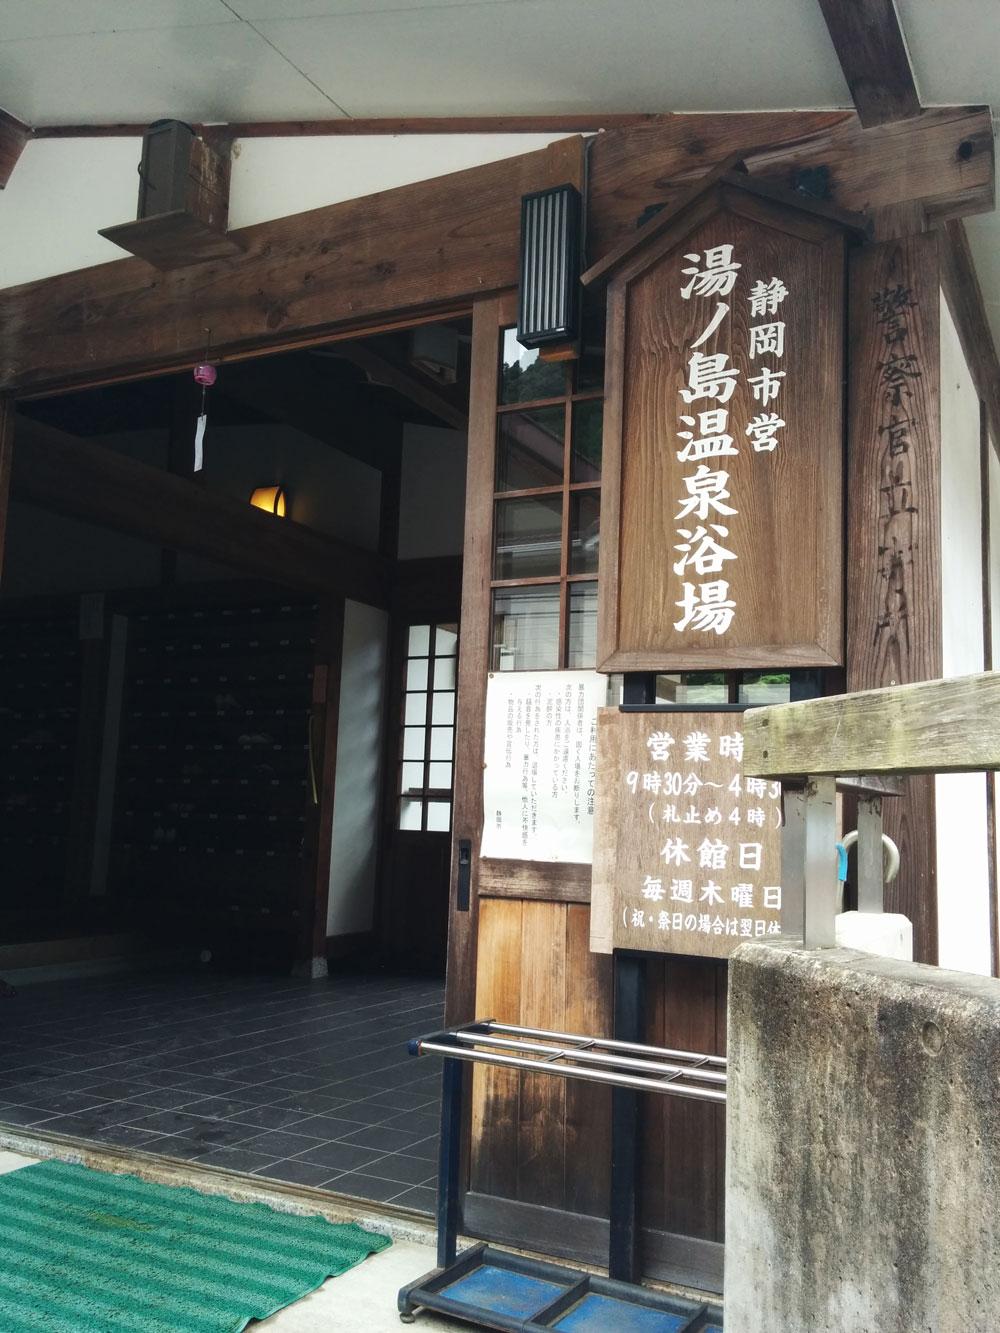 湯ノ島温泉。素朴な温泉が素敵です。